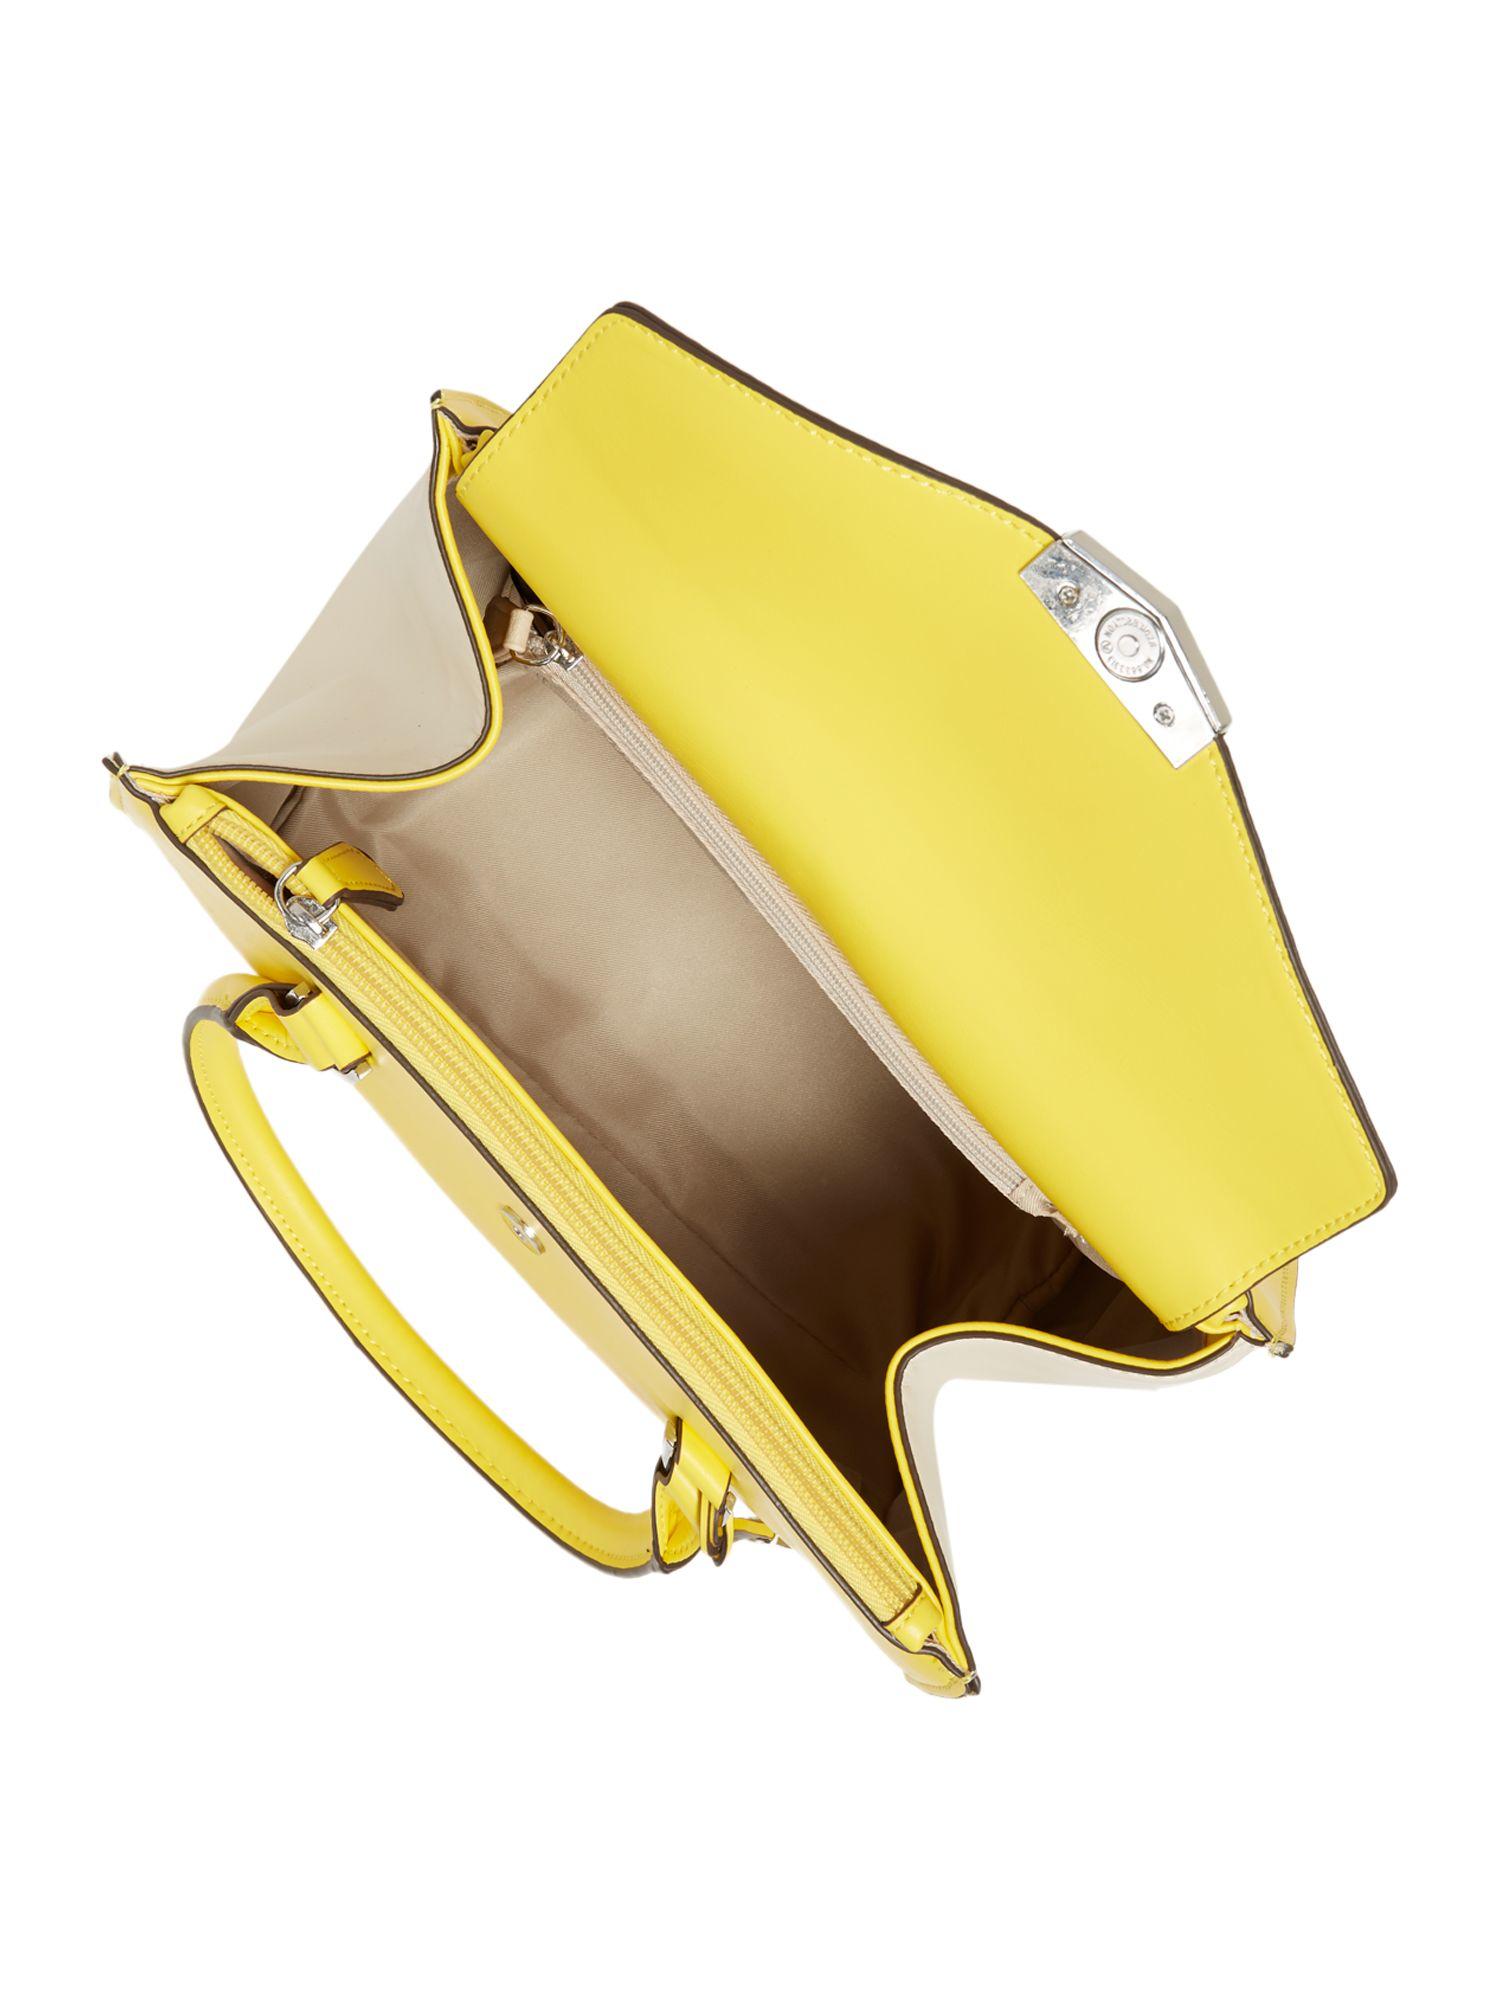 Fiorelli Conner Yellow Medium Tote Bag